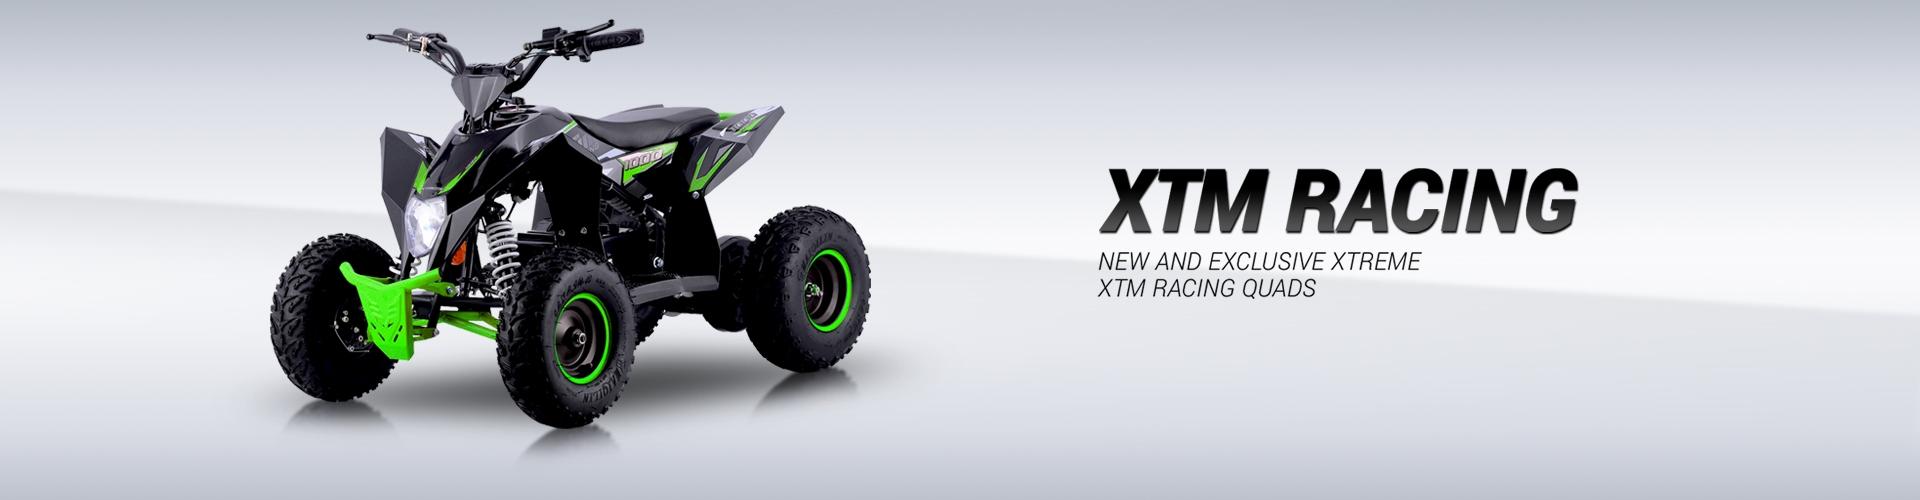 XTM Racing Quad 48V 1300W